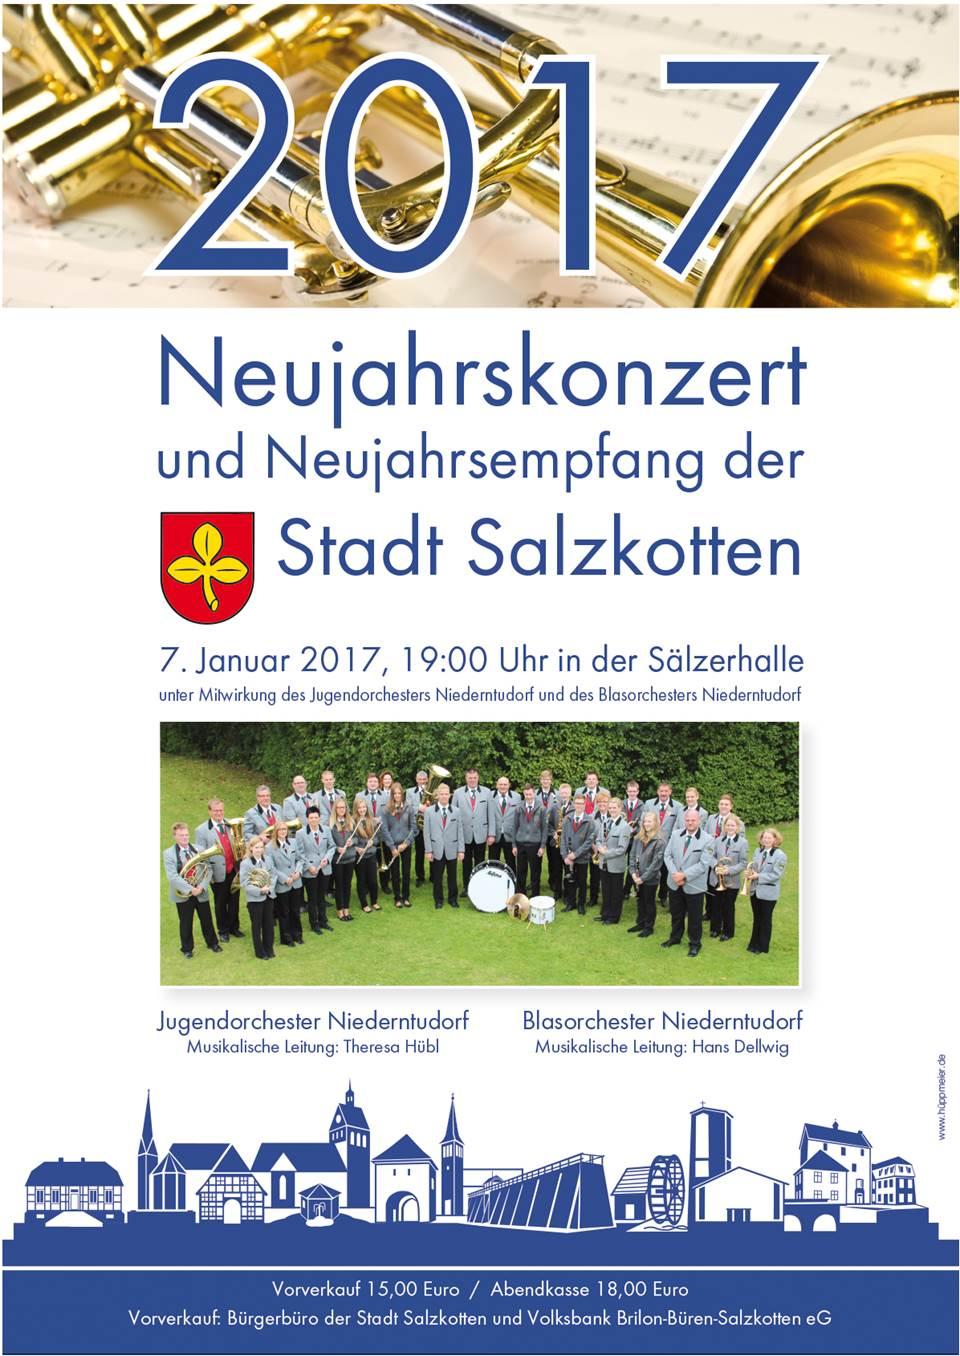 neujahreskonzert-2017-plakat